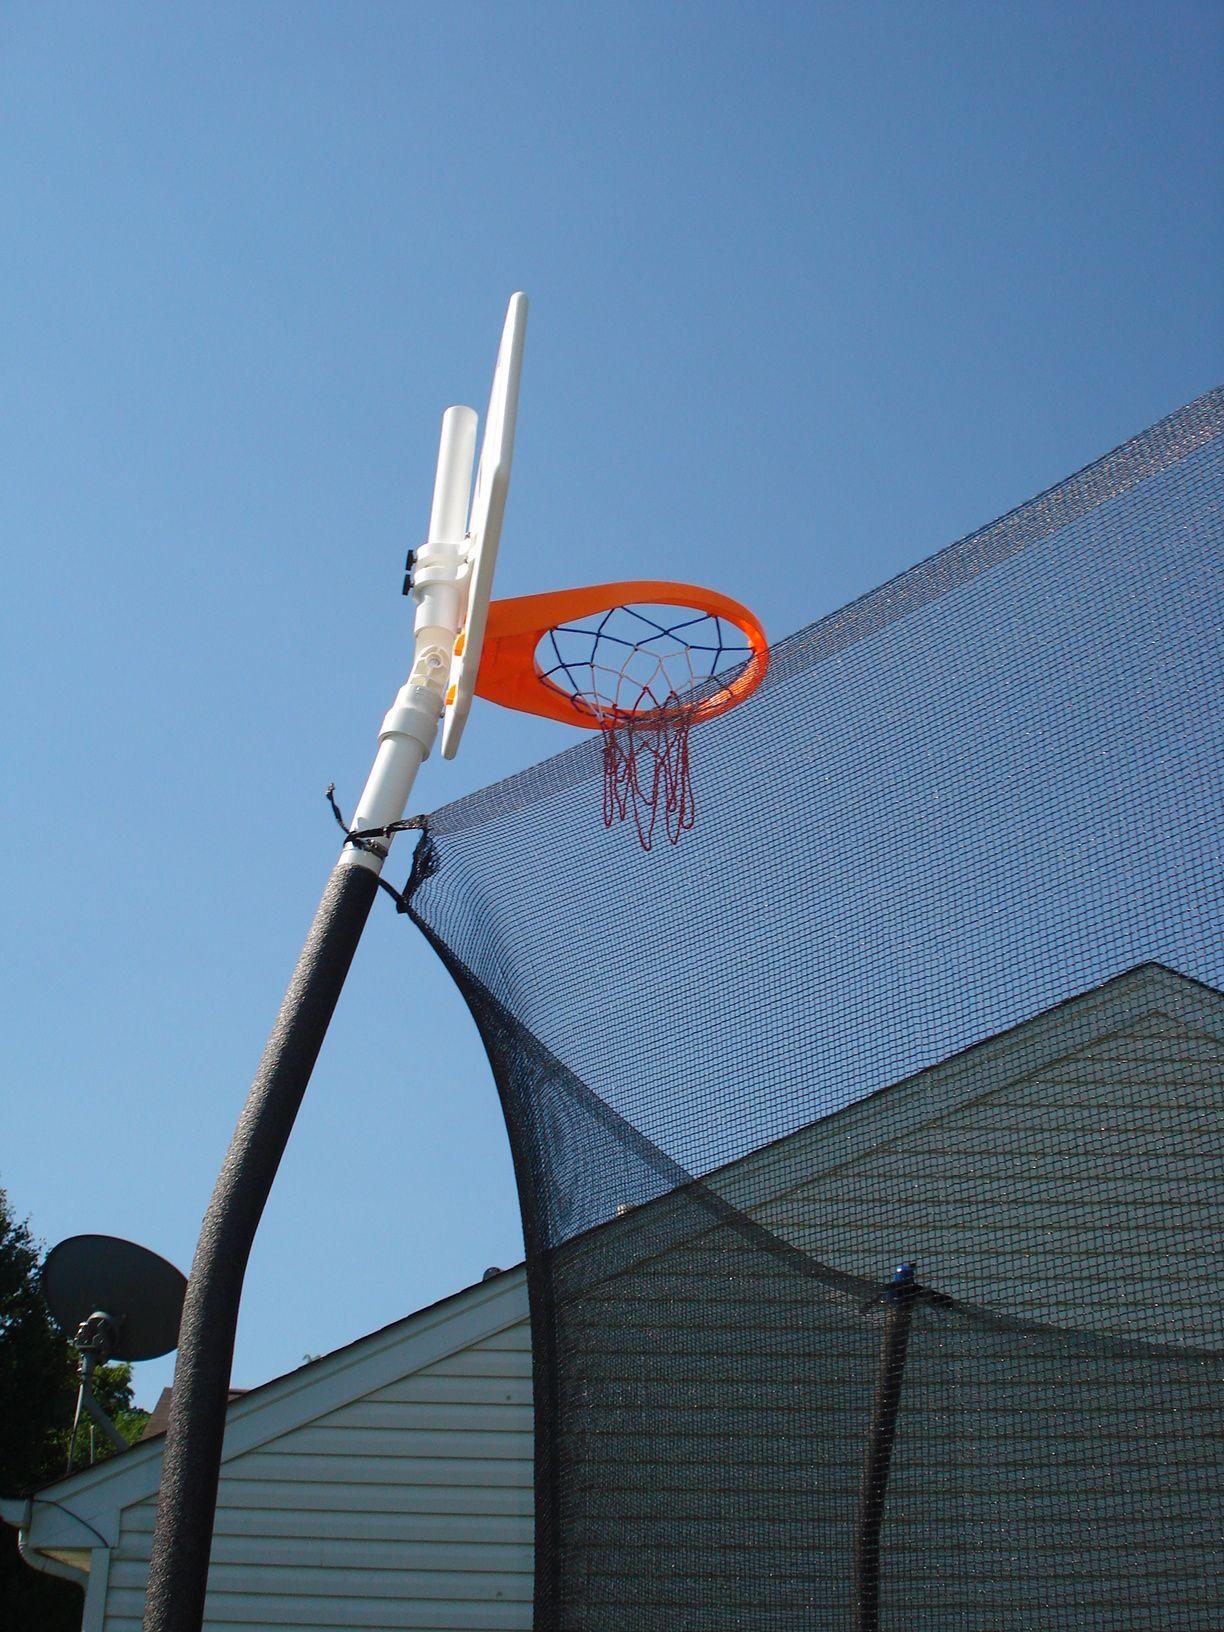 Basketball Hoop On A Skywalker Trampoline Backyard Trampoline Outdoor Trampoline Diy Basketball Hoop